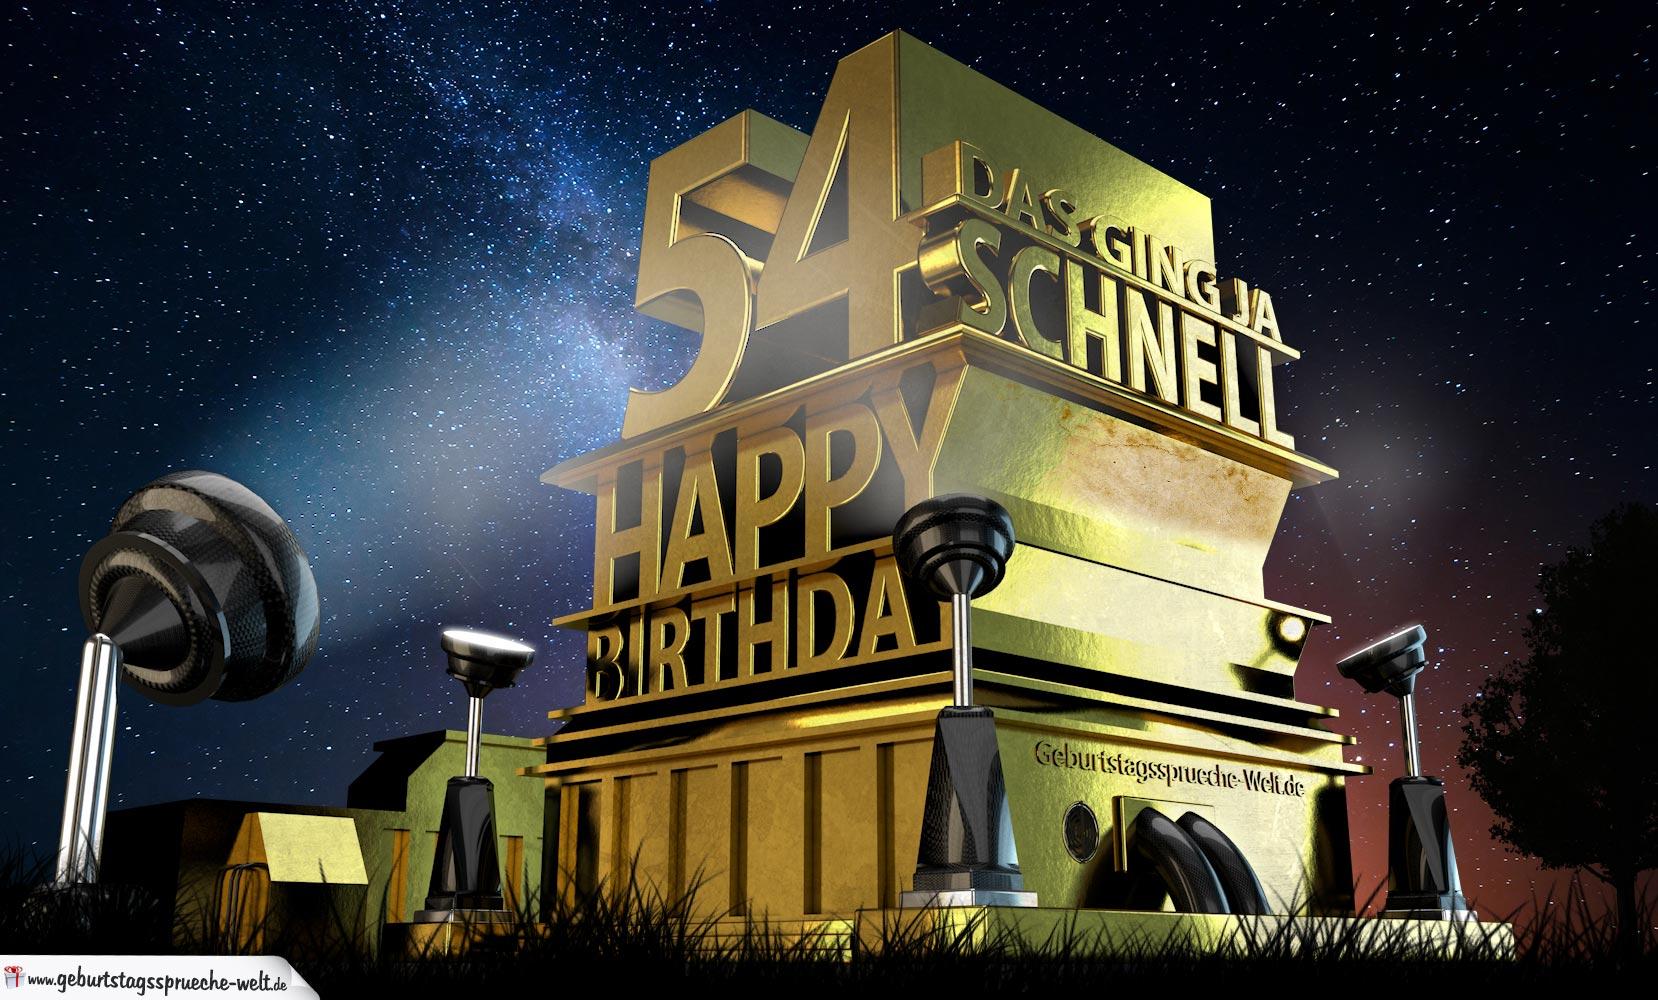 Kostenlose Geburtstagskarte zum 54. Geburtstag im Stile von